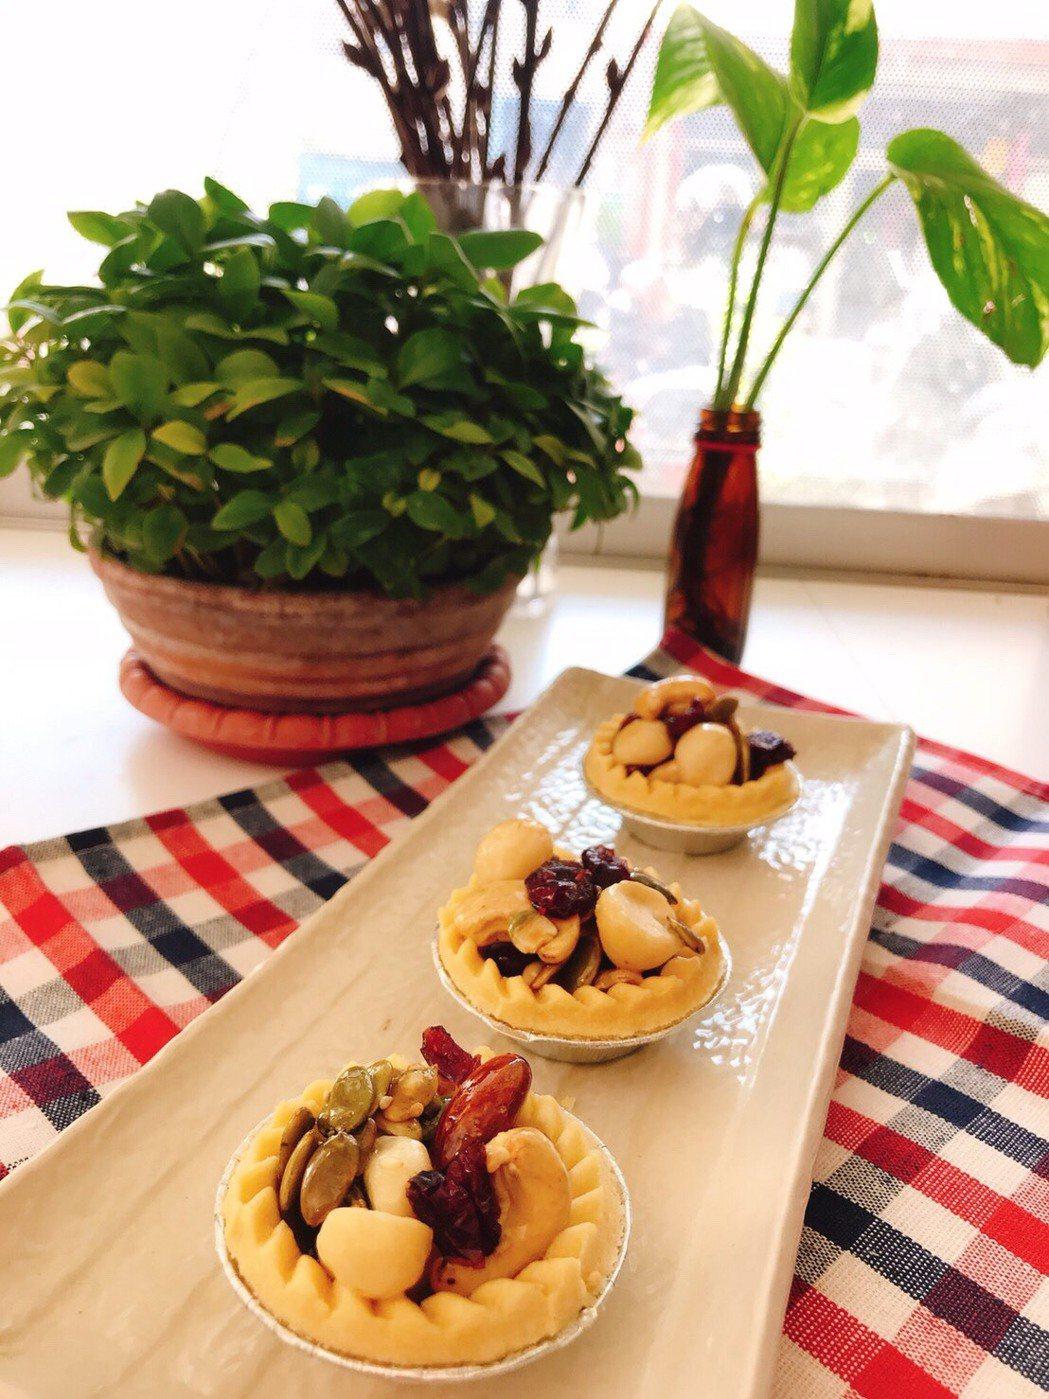 蜜汁糖衣調味的堅果點心容易吃進較多的精緻糖及額外熱量,以蜜汁腰果為例,每5粒腰果...